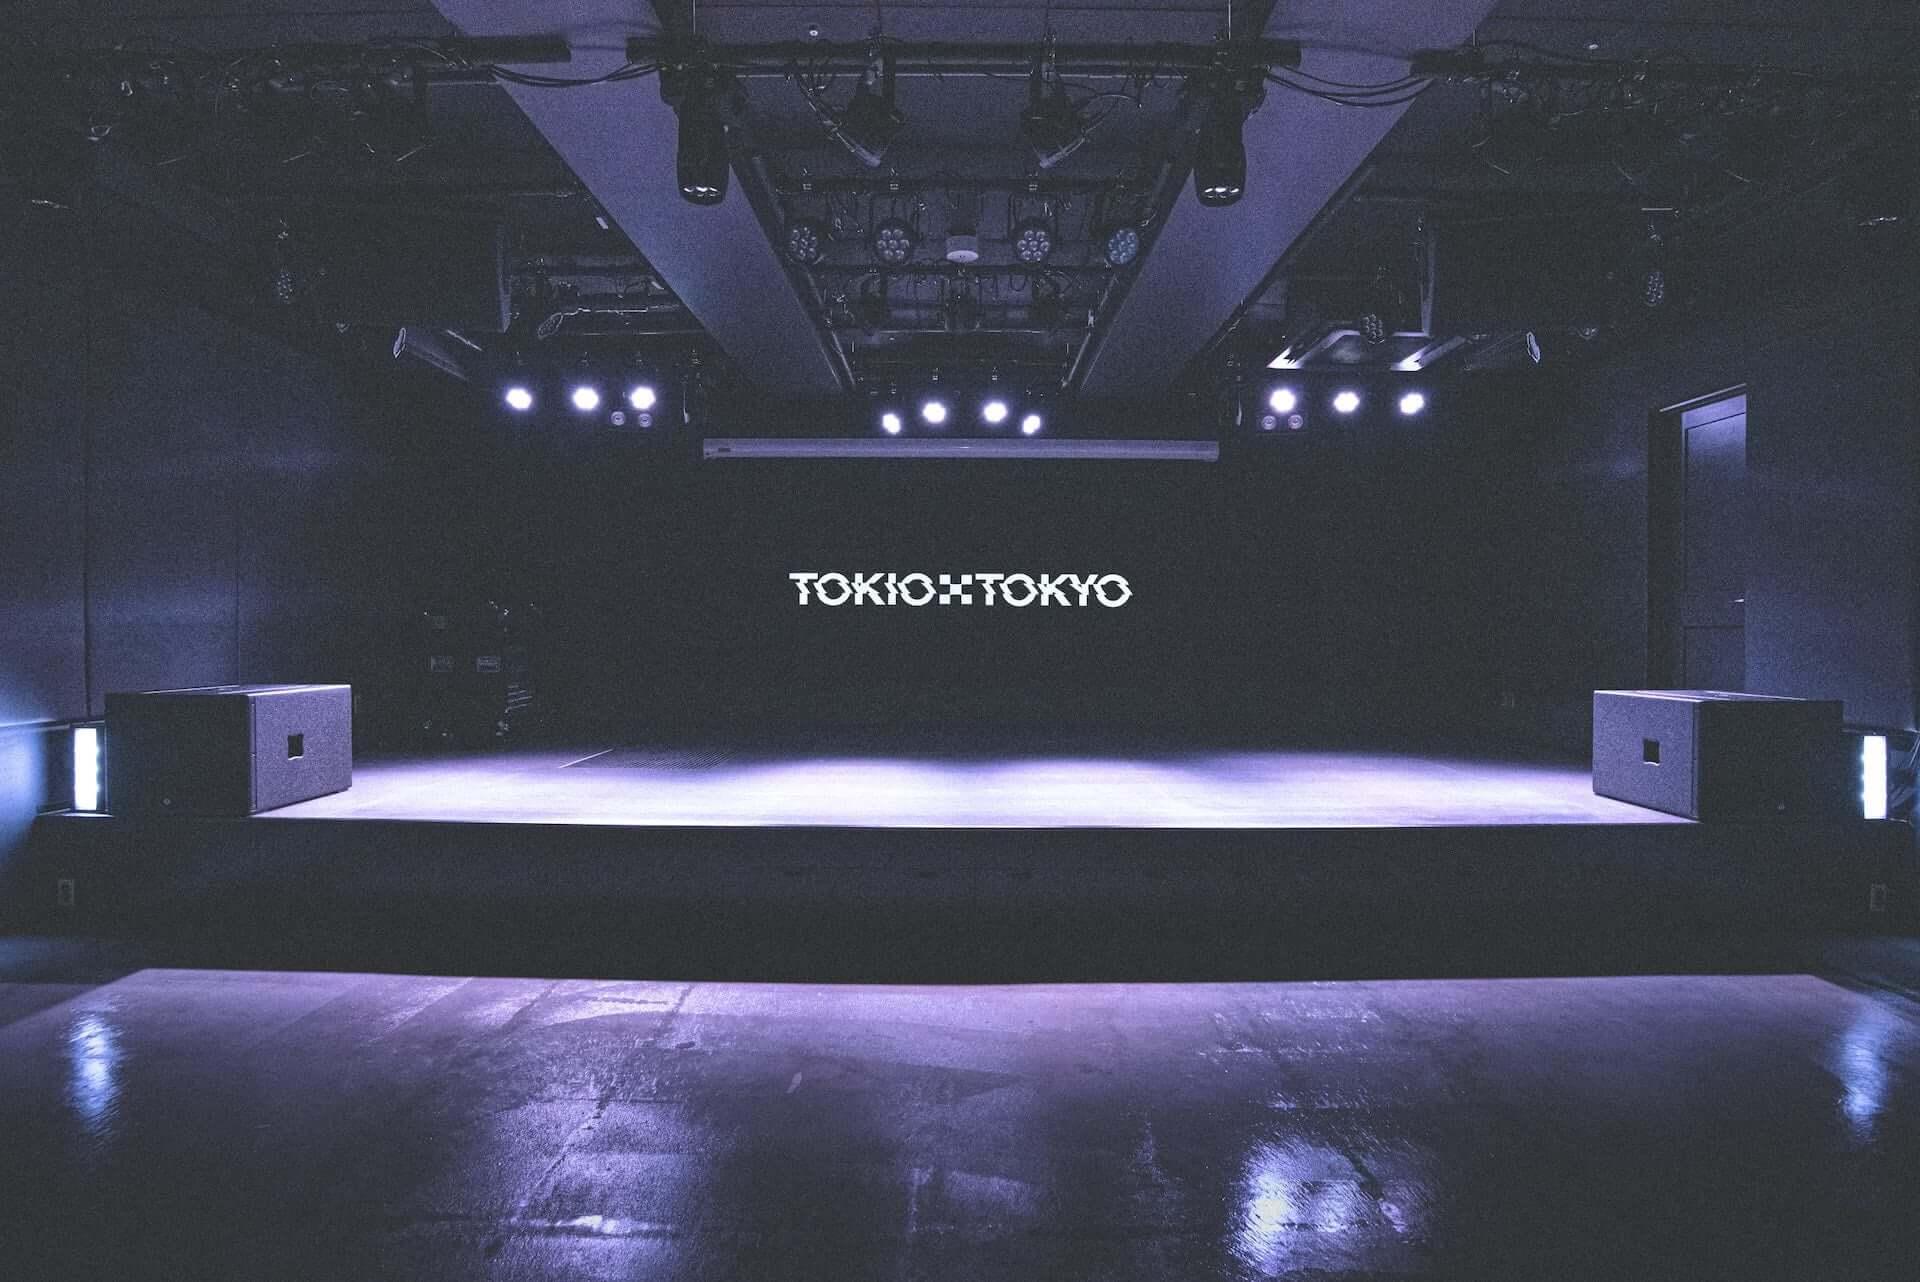 オーダーメイド型ライブハウス「TOKIO TOKYO」が渋谷に誕生!Dos Monos、Mom、Newspeak、BREIMENら出演のオープニングパーティーも実施 music210309_tokio-tokyo_16-1920x1282